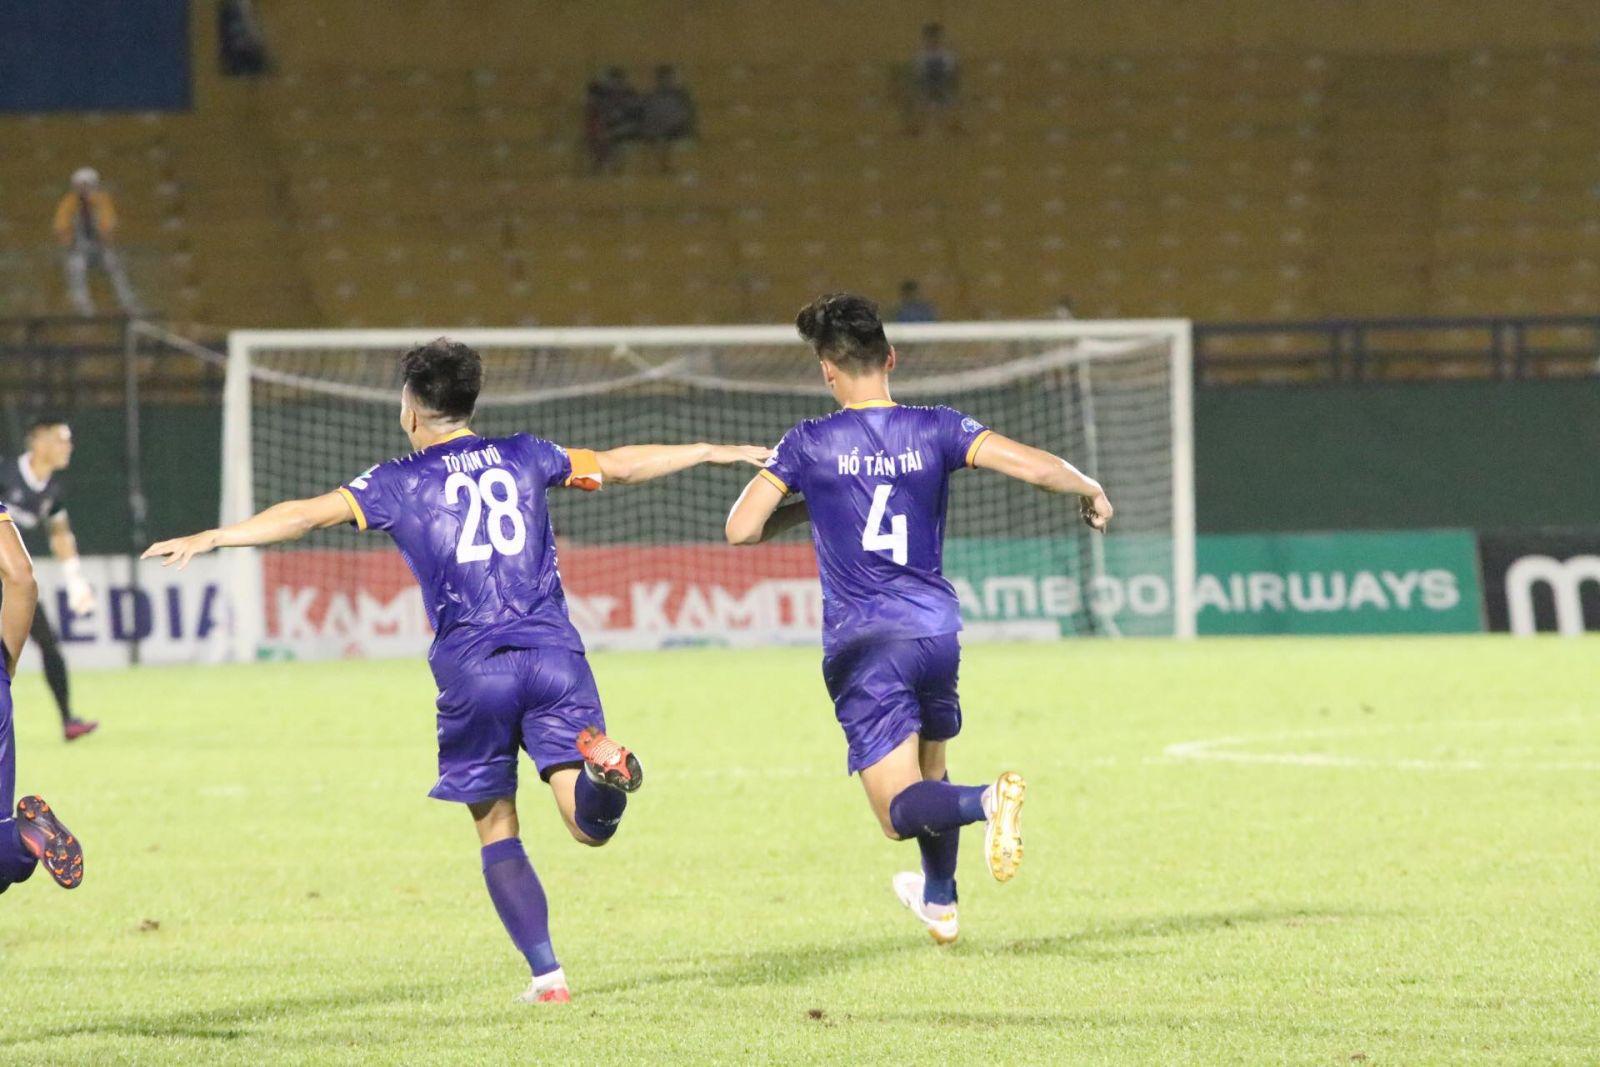 Niềm vui của Hồ Tấn Tài sau khi ghi bàn đẹp mắt mở tỷ số